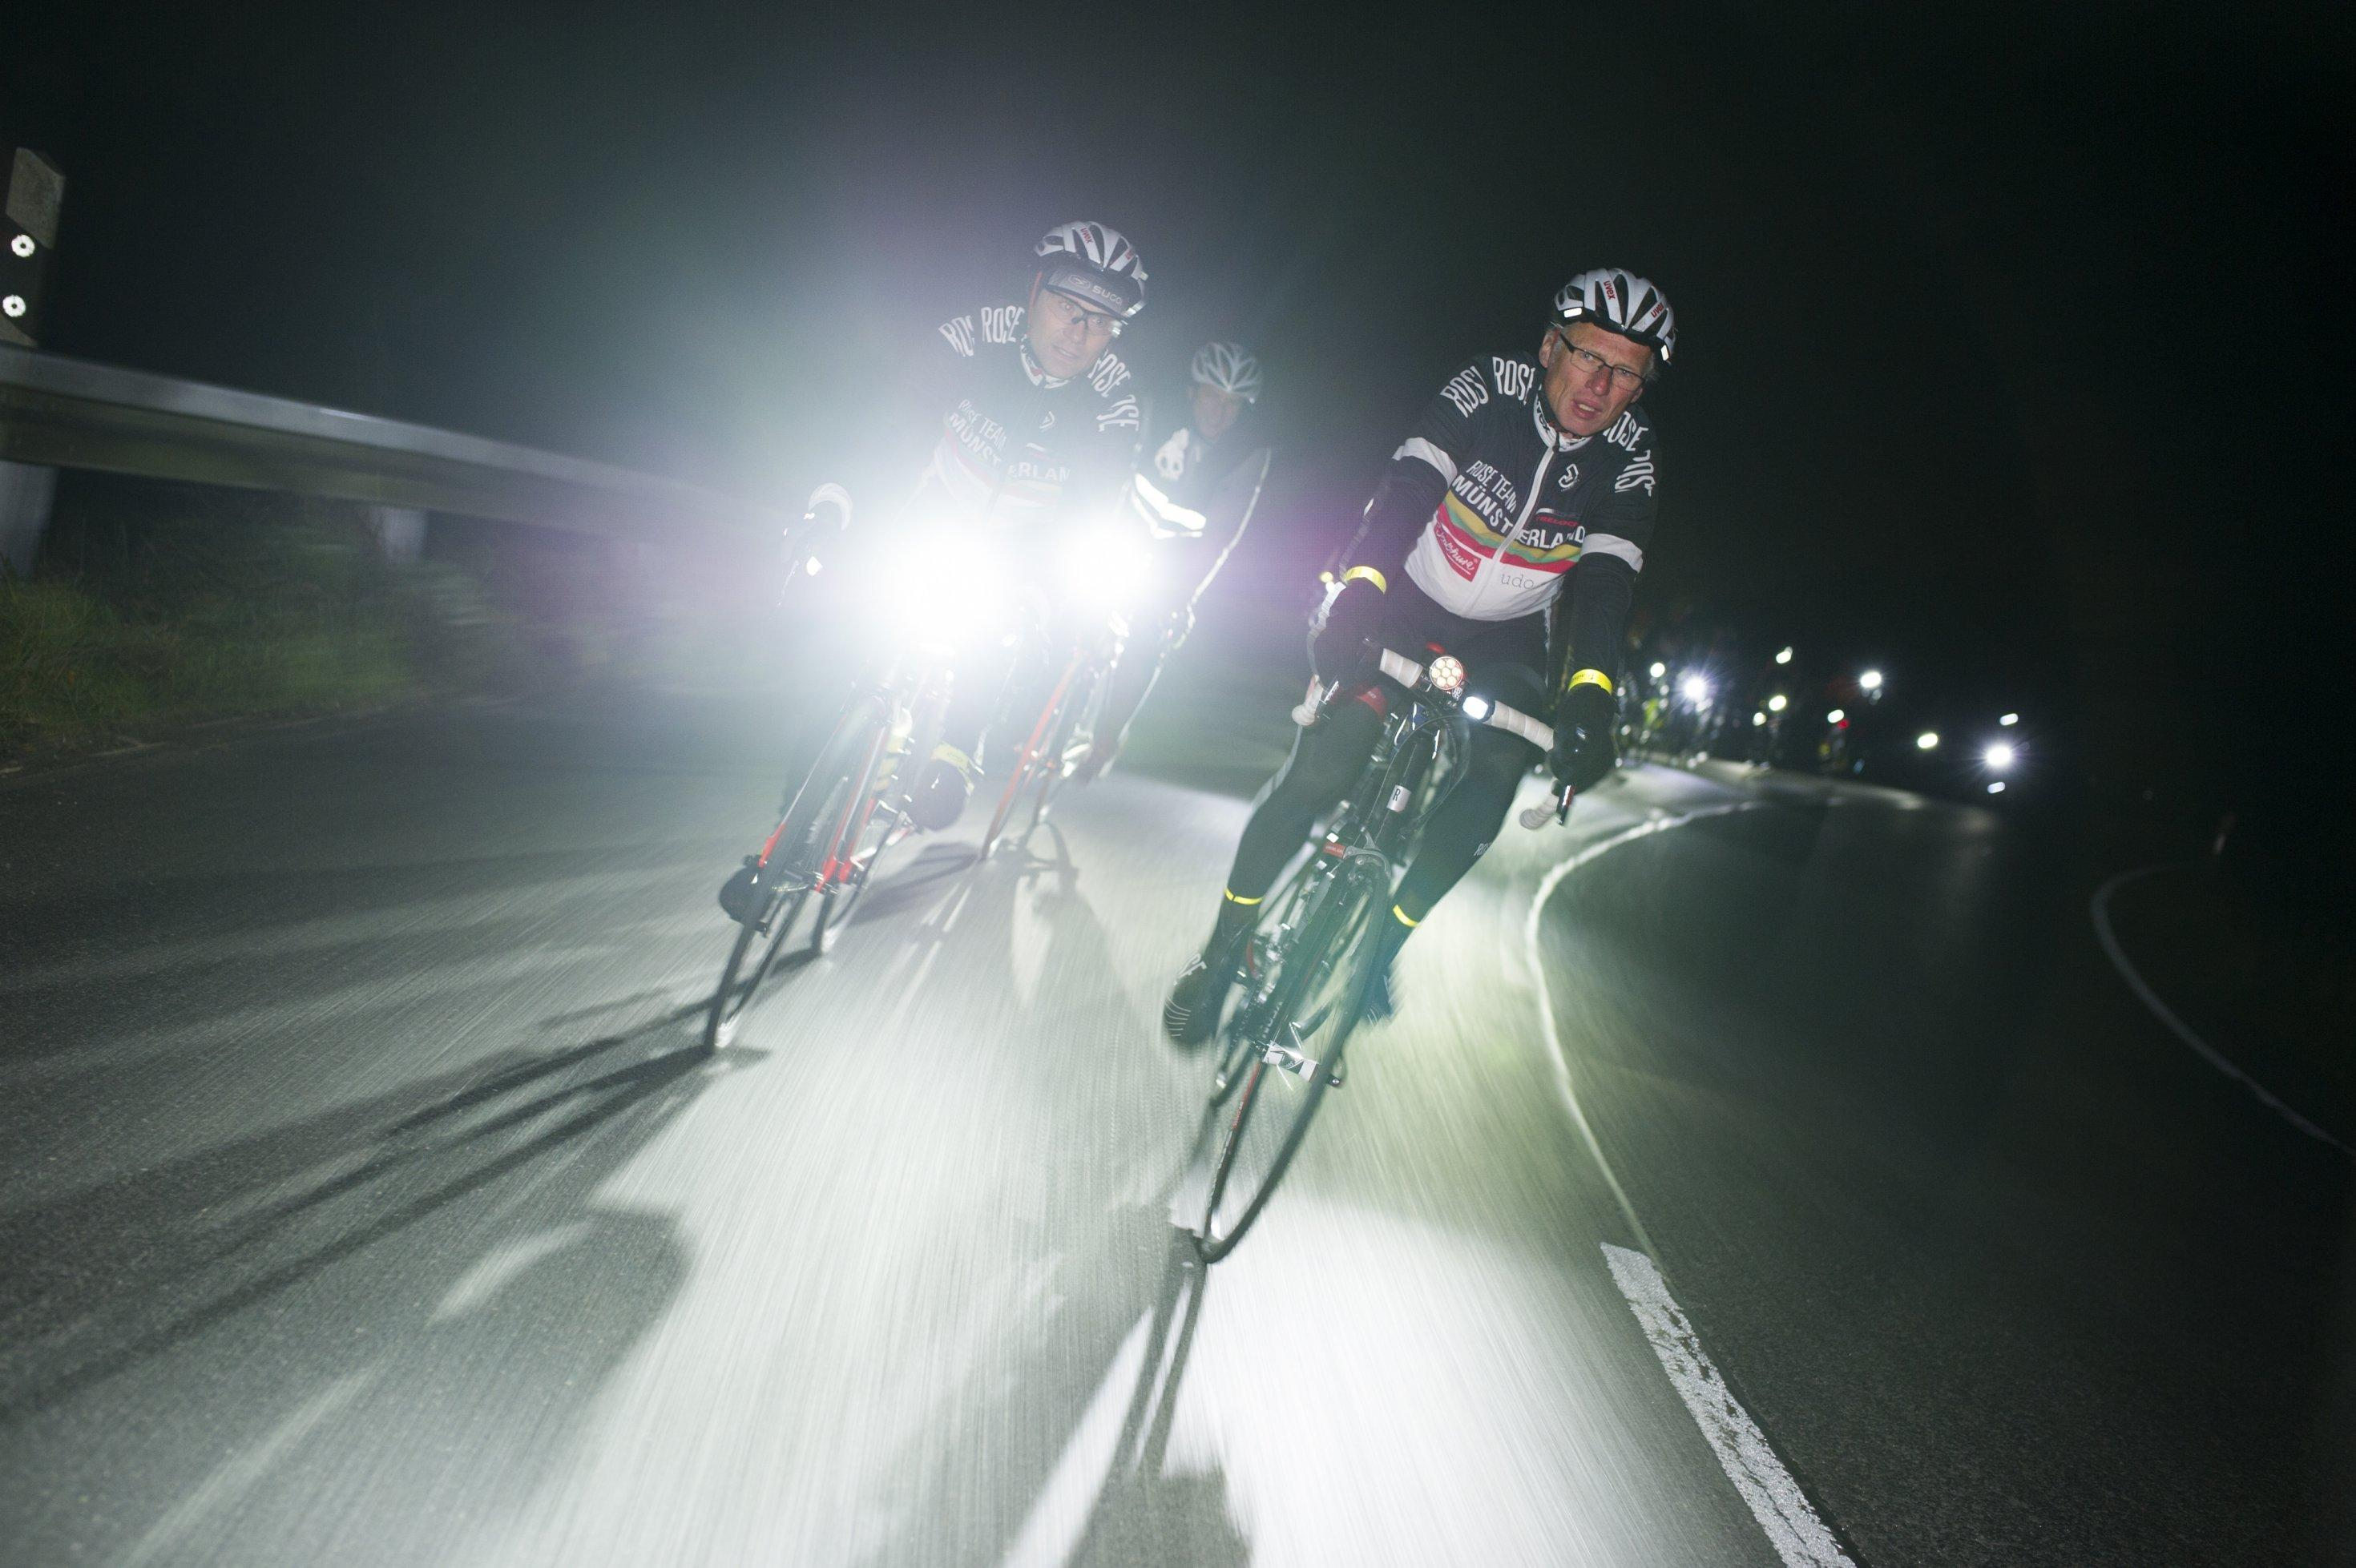 Frontalaufnahme von drei Radfahrern auf der Straße.